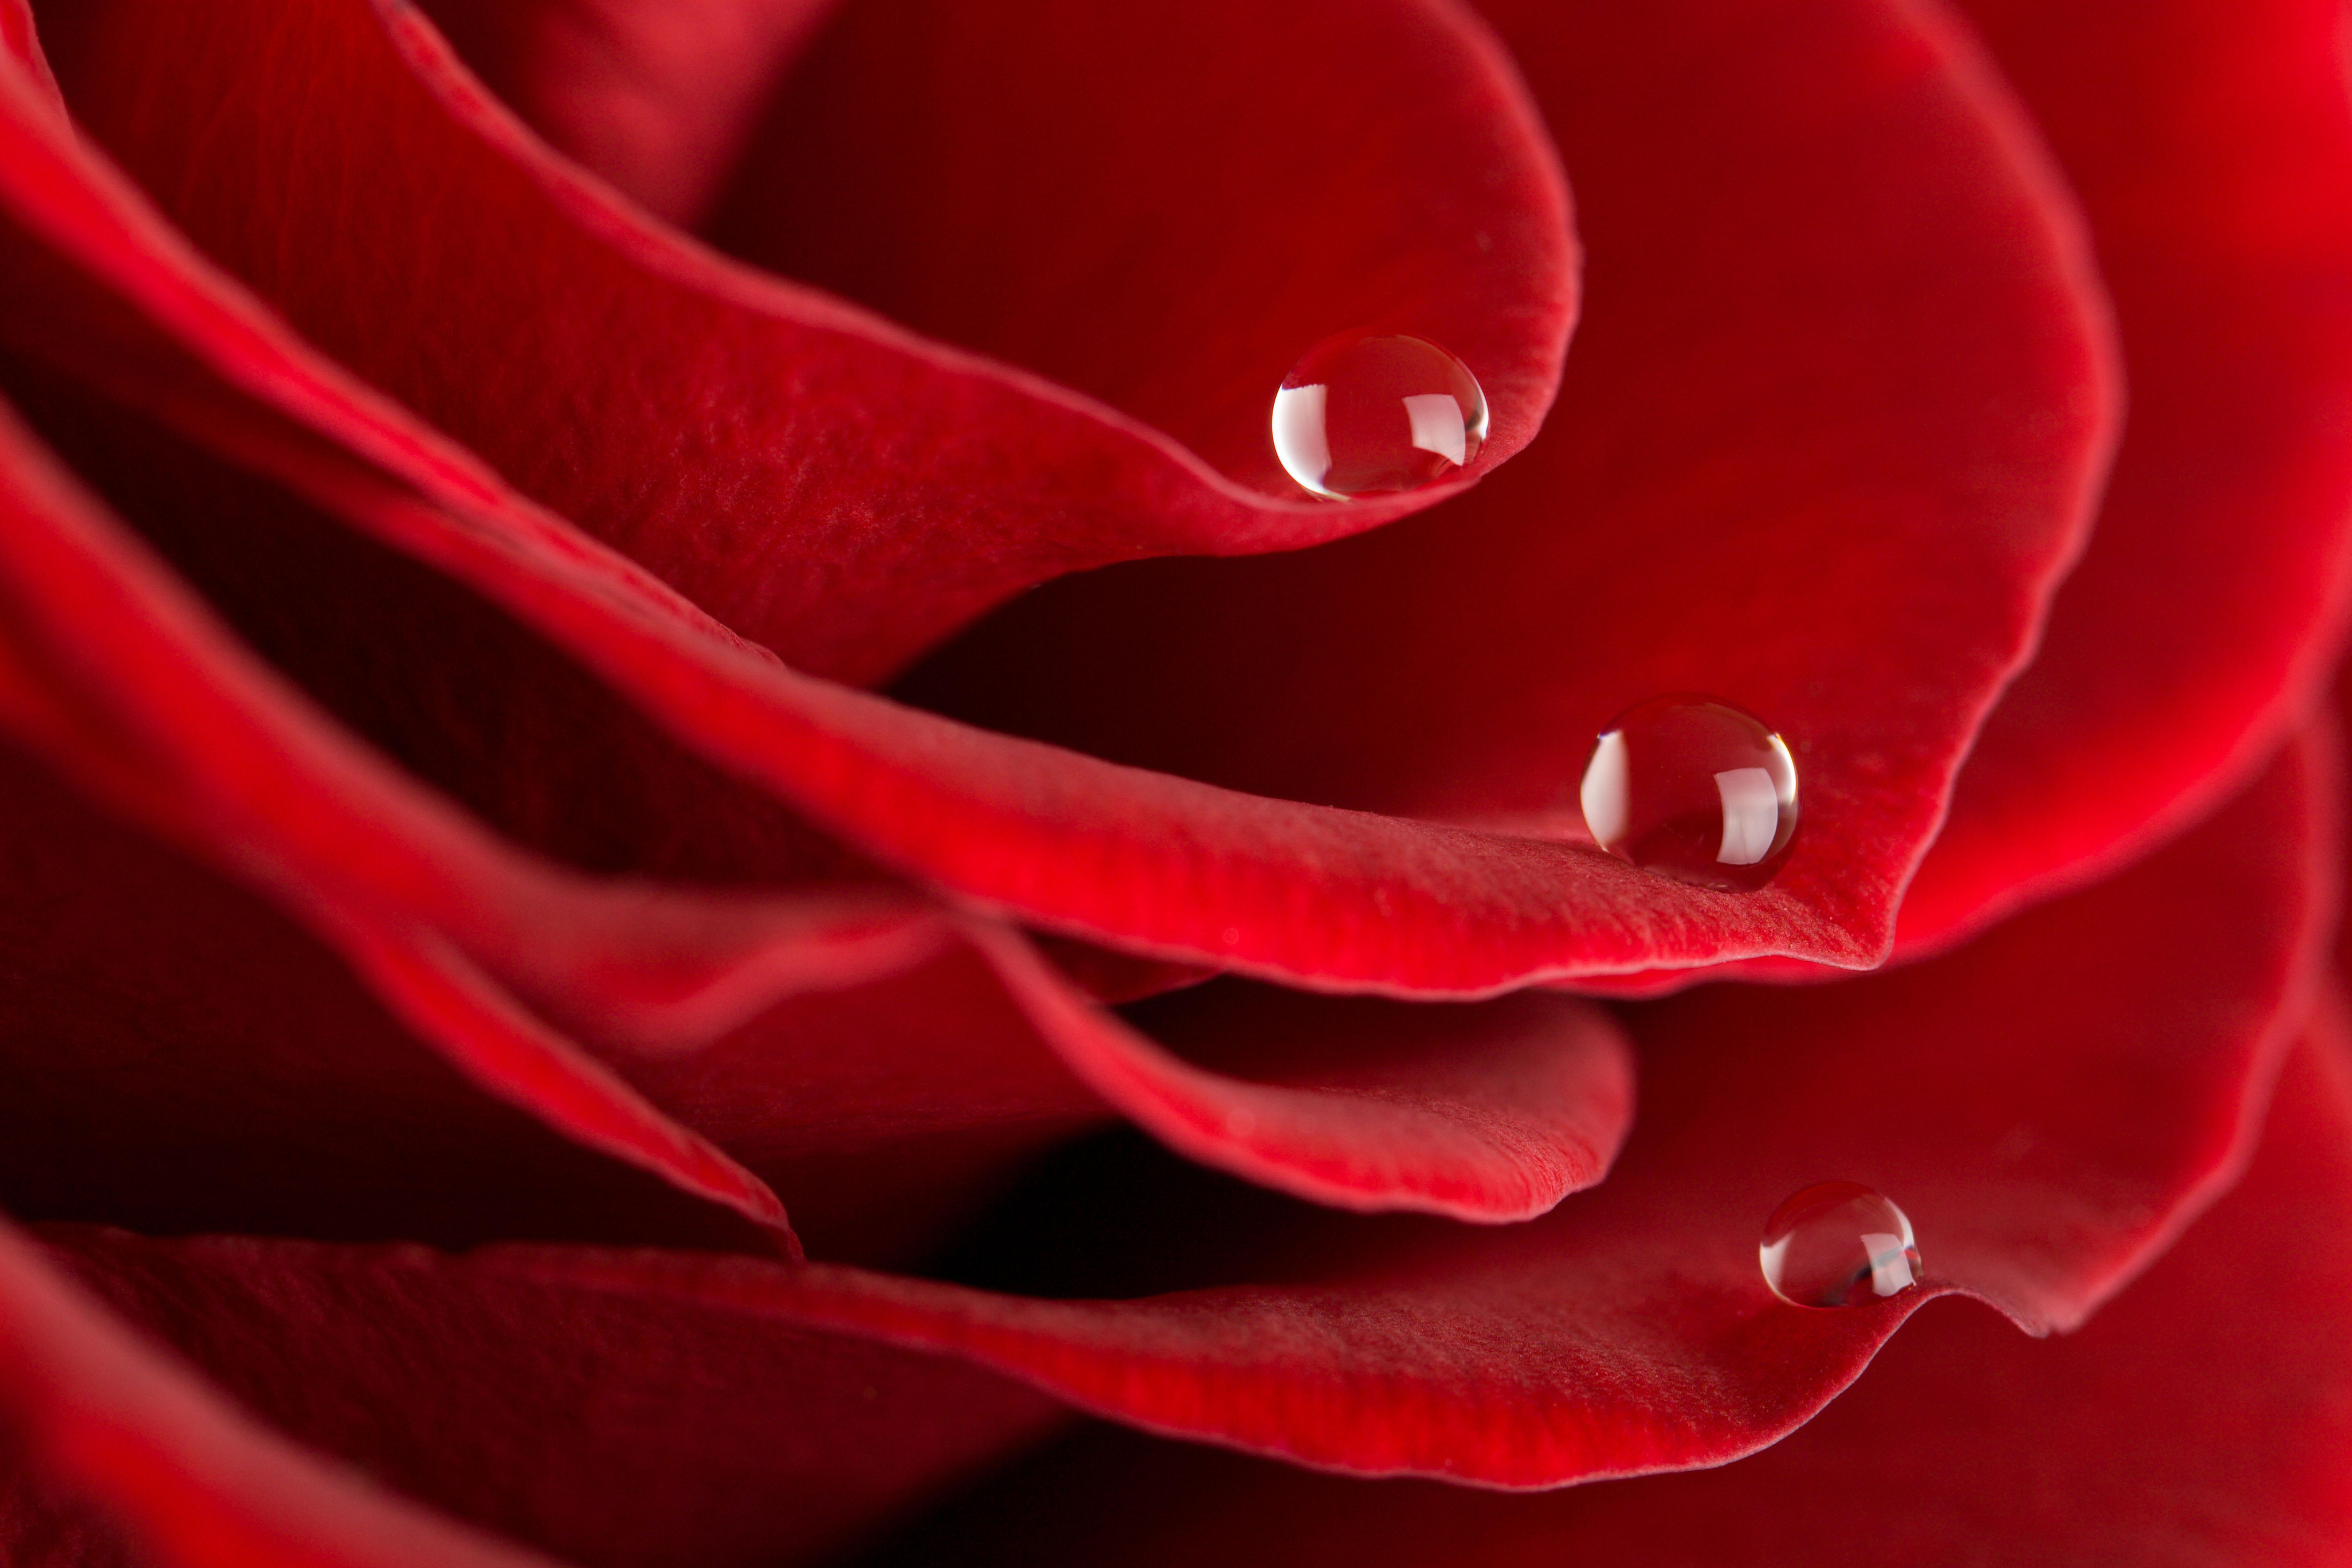 цветок частицы лепестки бесплатно